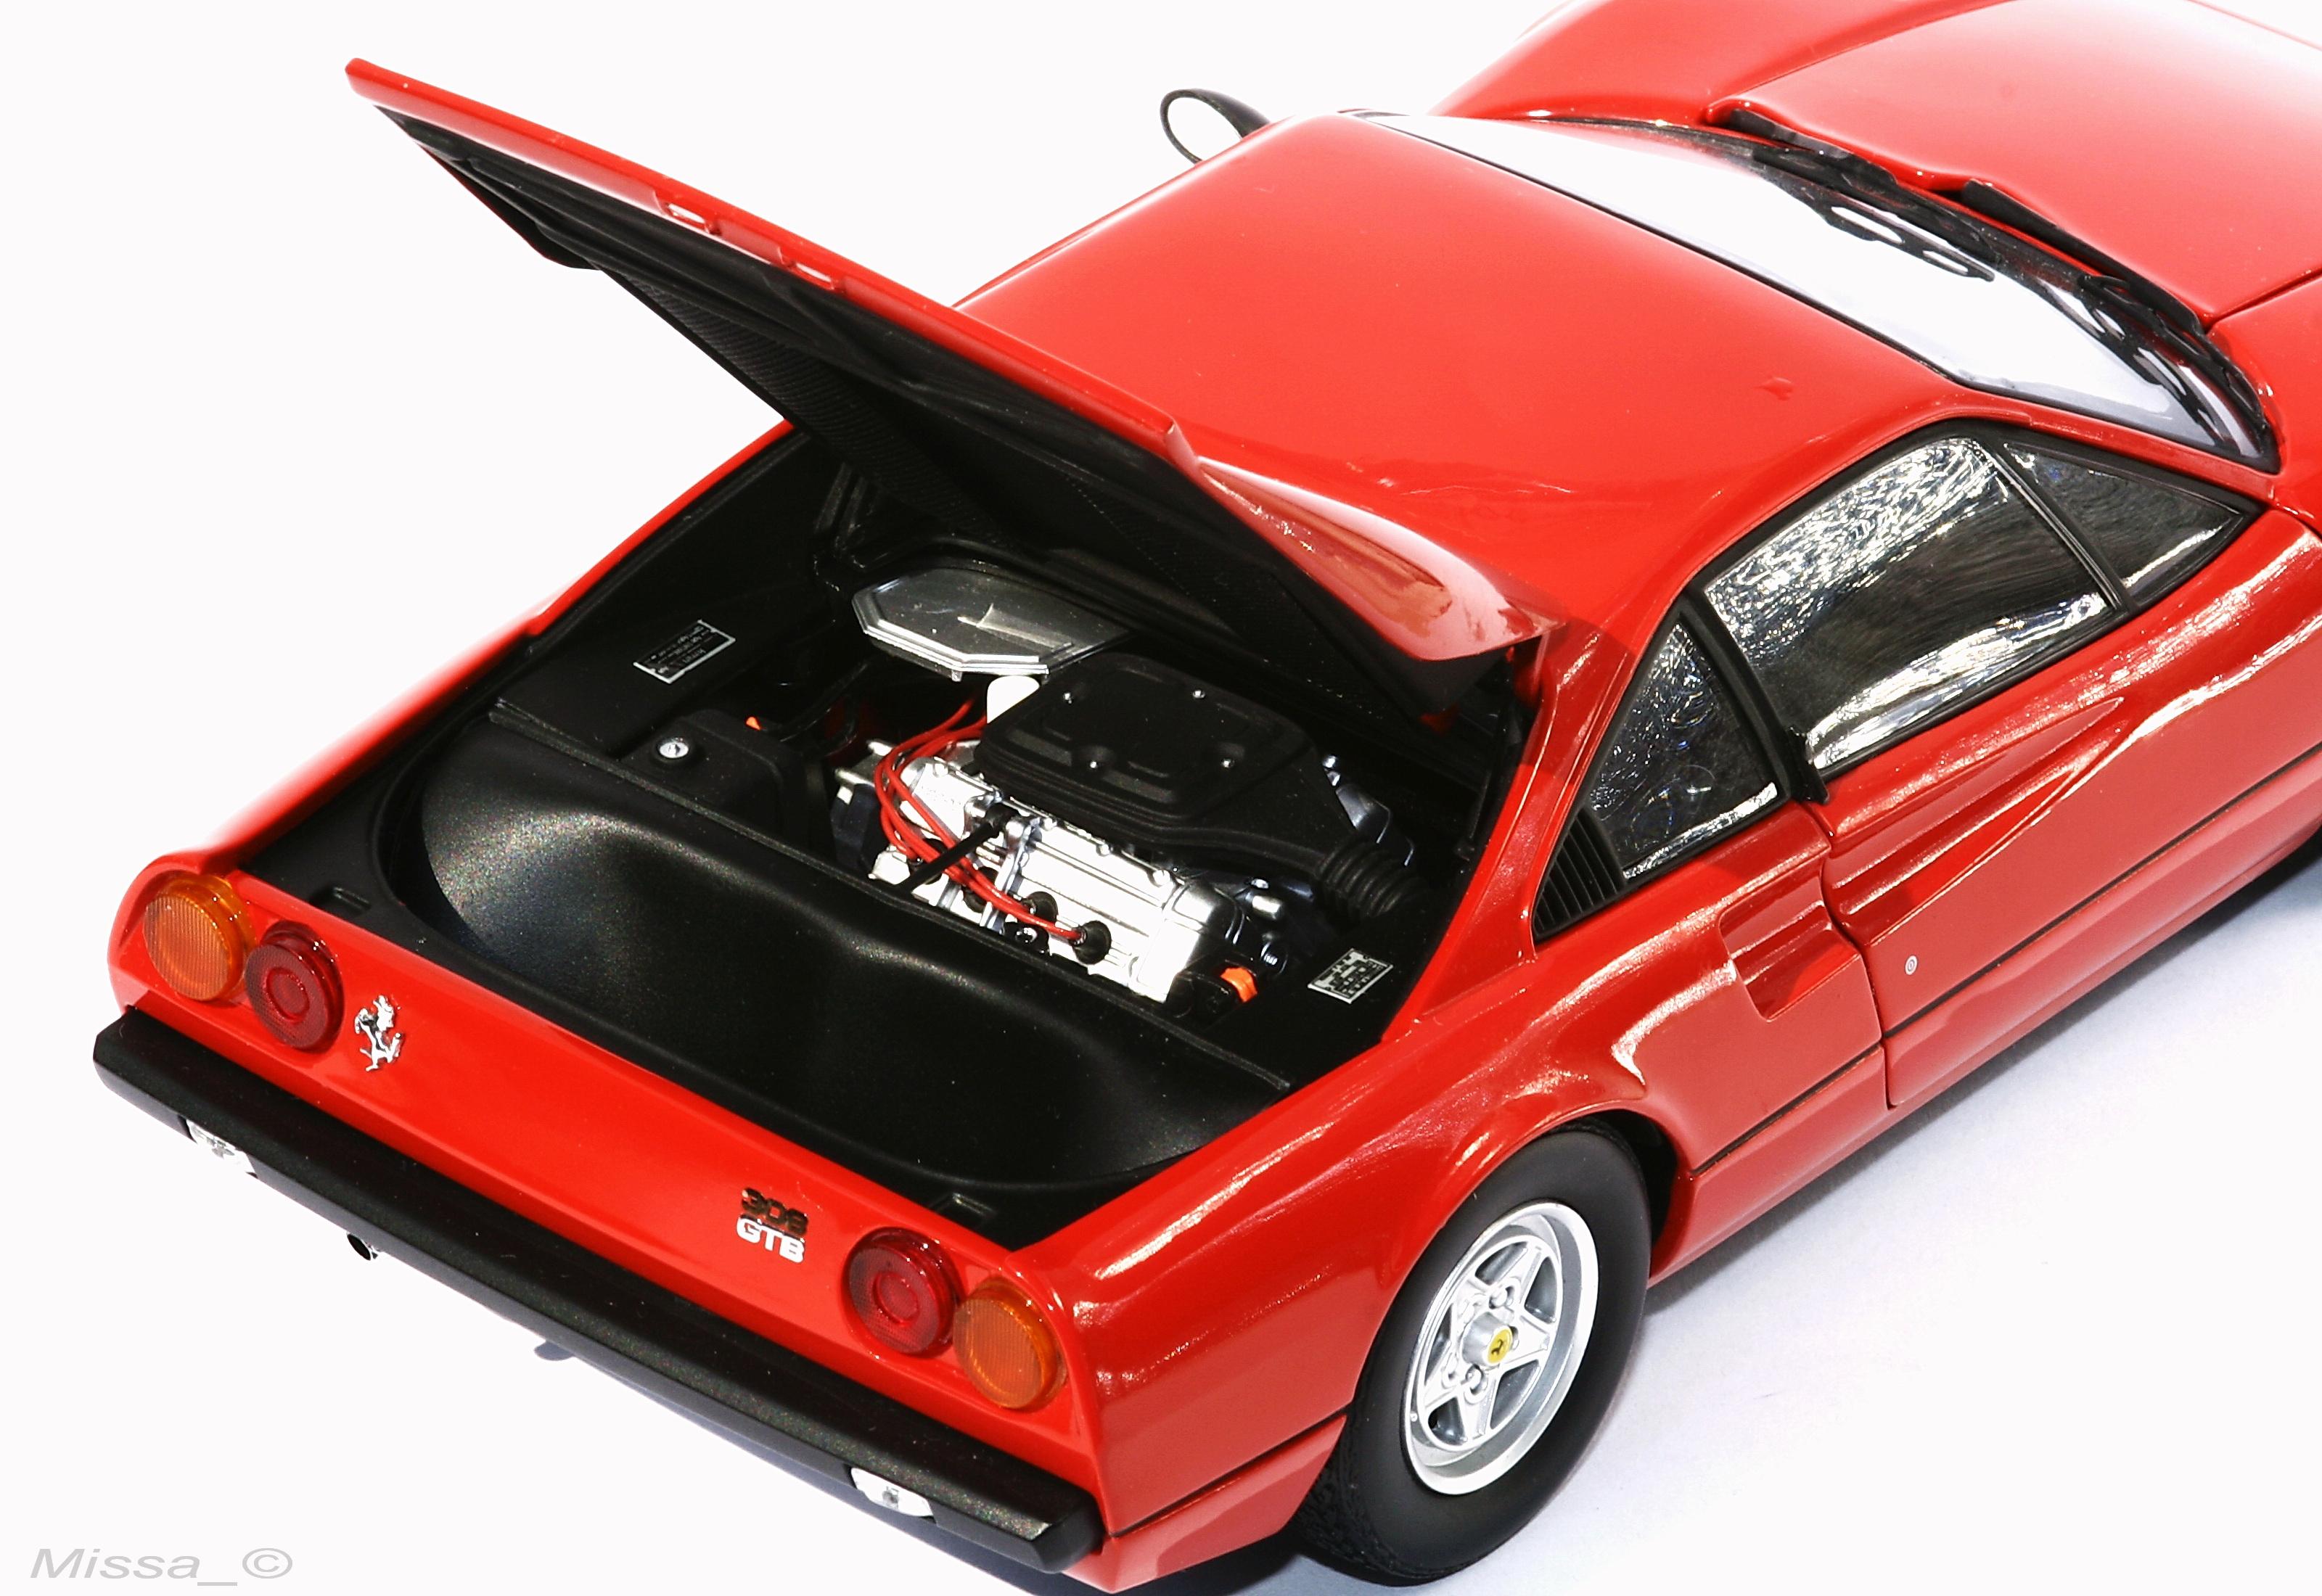 014_kyosho_ferrari308aryt1 Fabulous Ferrari Mondial 8 Super Elite Cars Trend